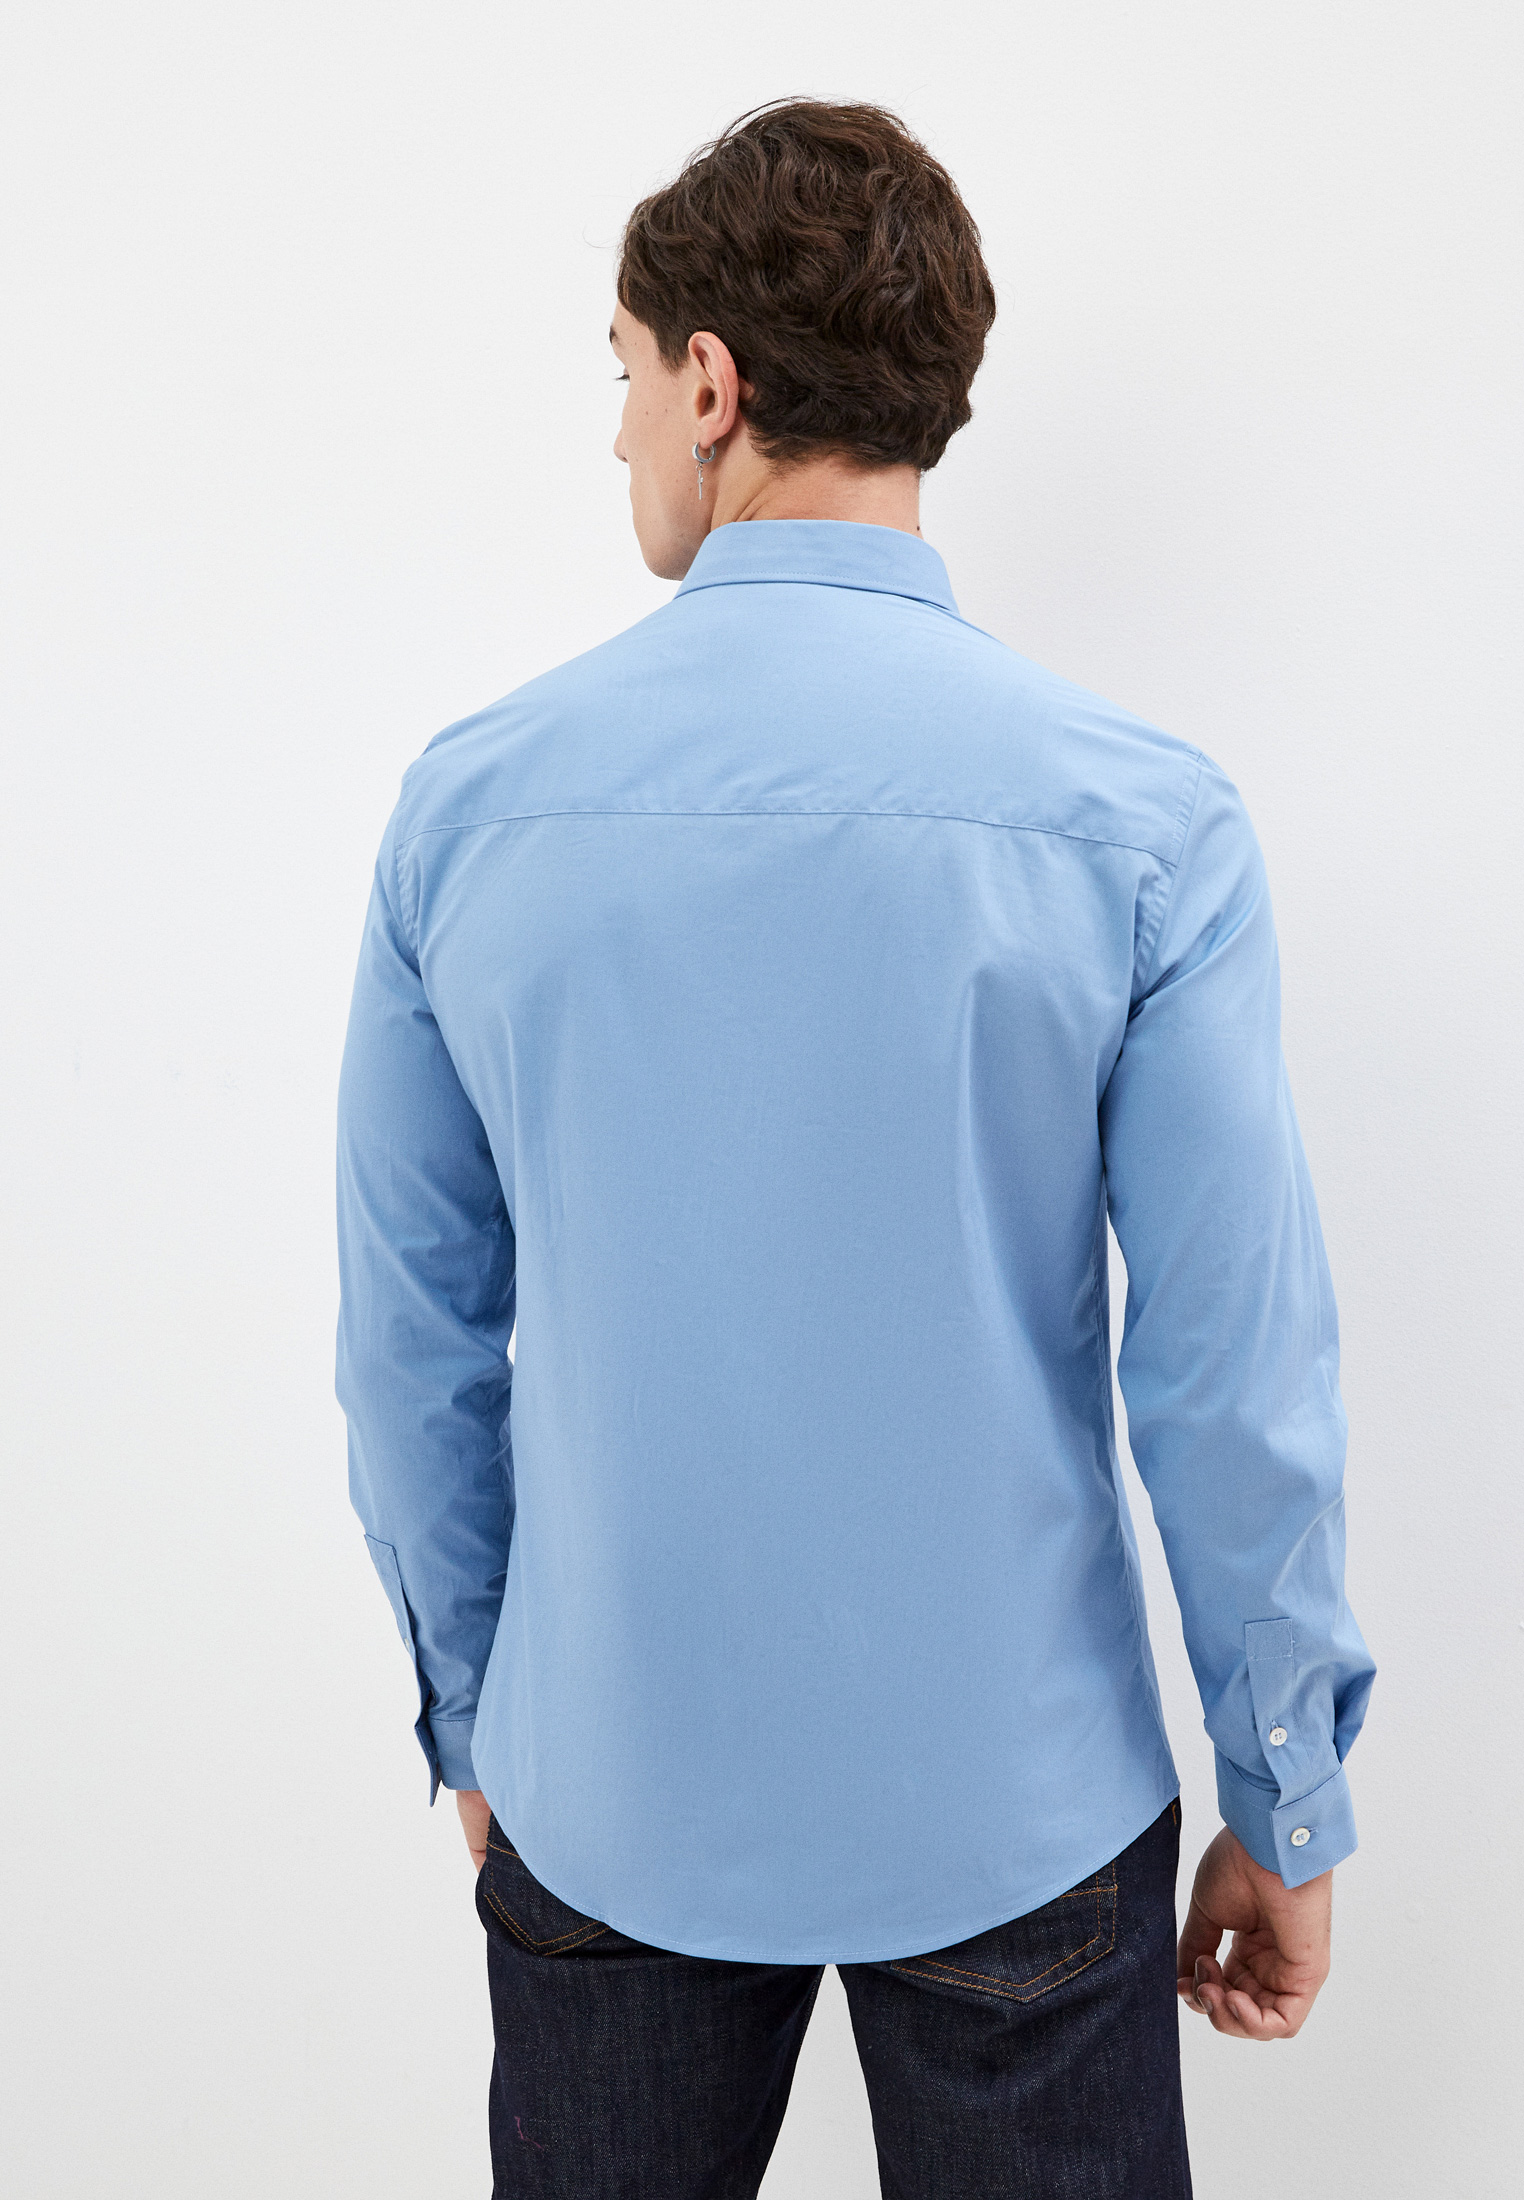 Рубашка с длинным рукавом Bikkembergs (Биккембергс) C C 072 00 S 2931: изображение 4